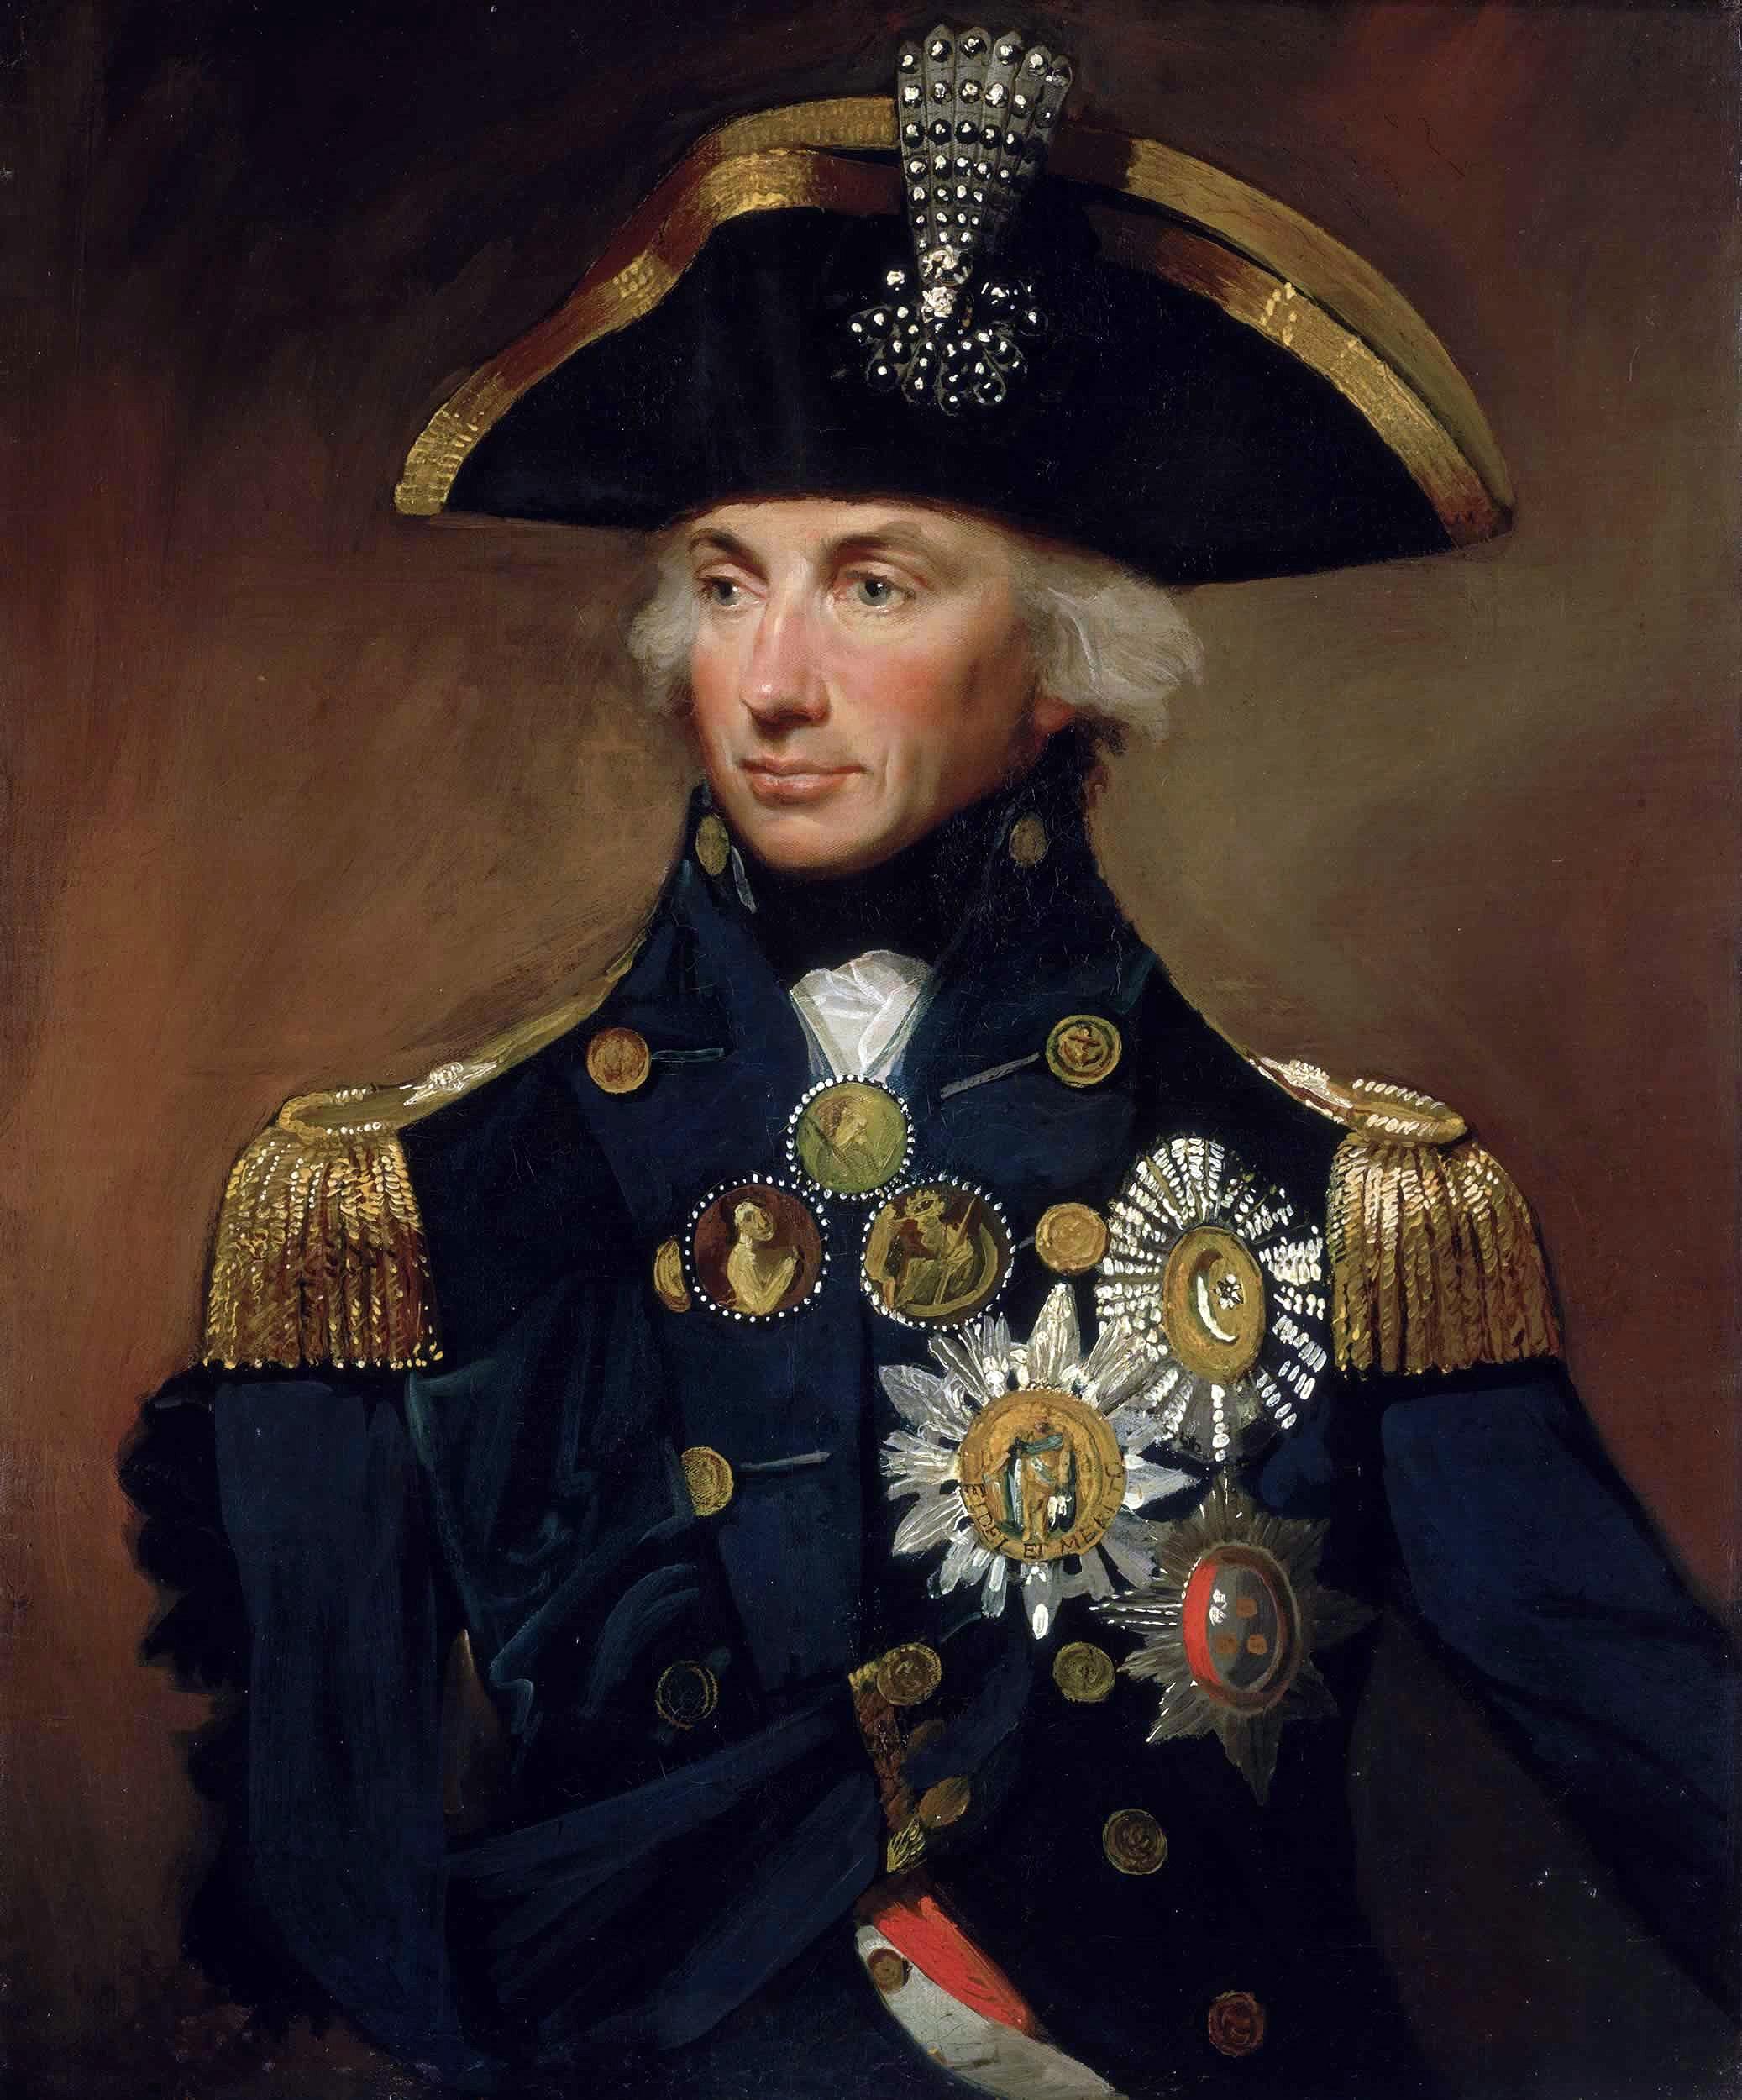 Warner llevará al cine la vida del almirante Nelson